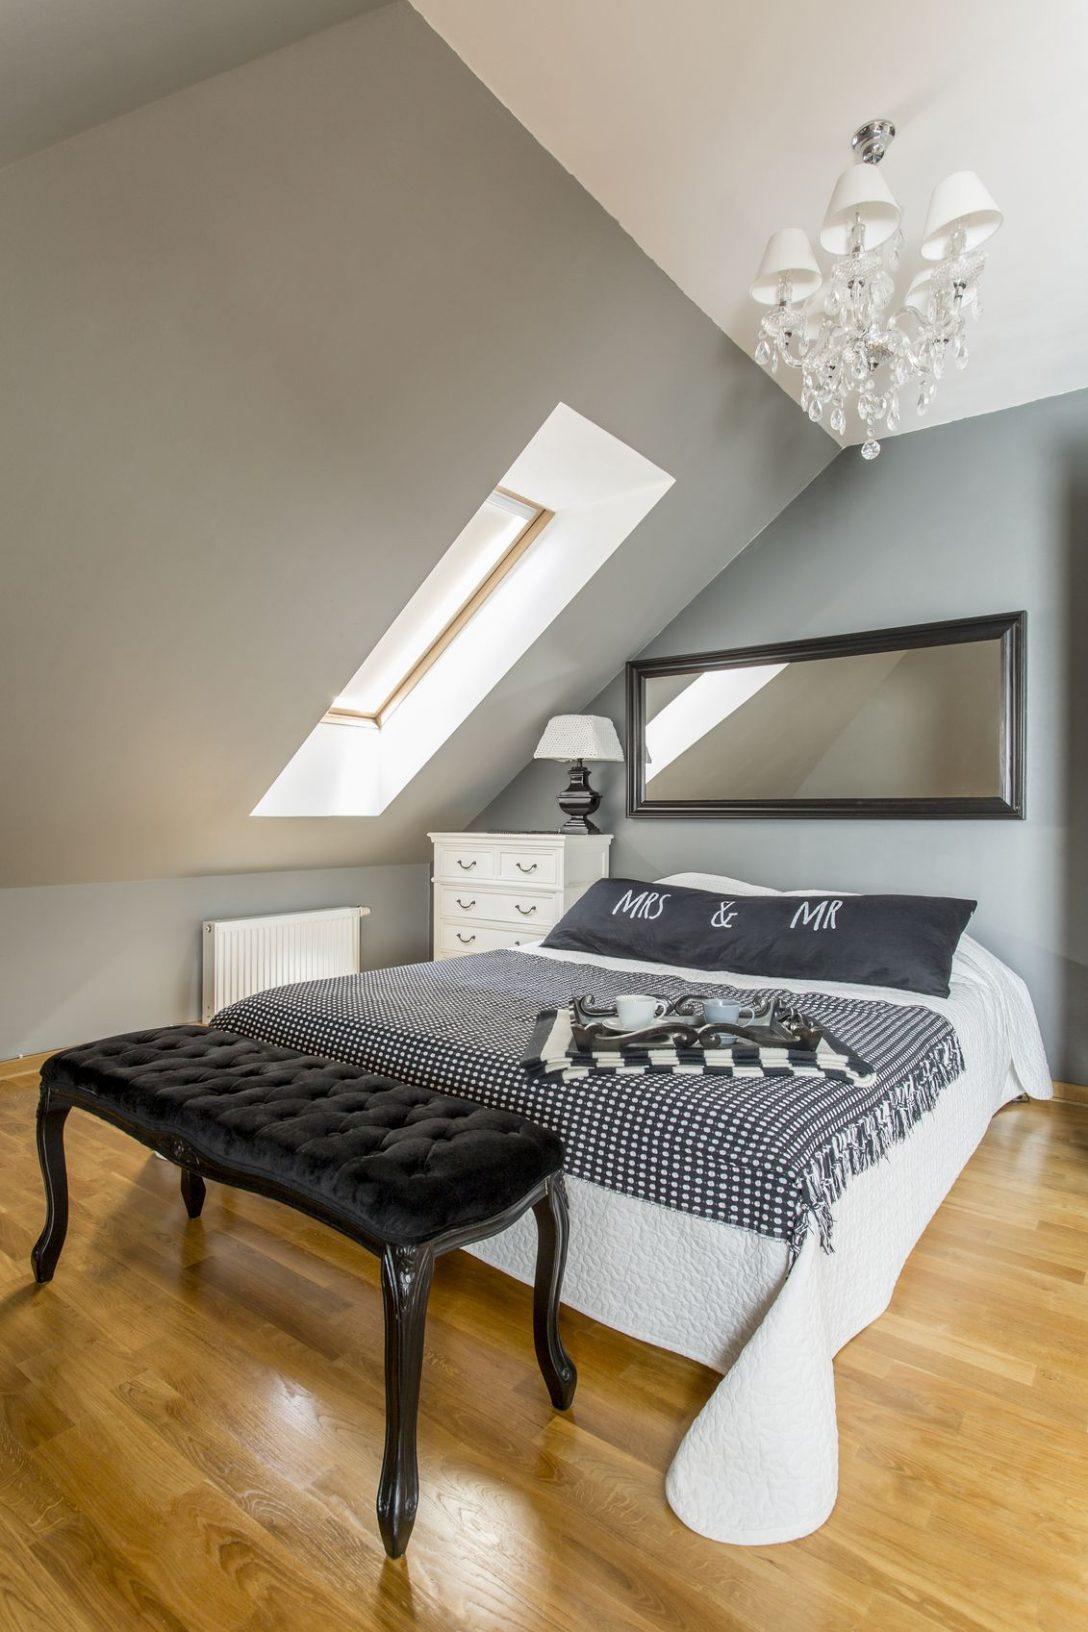 Large Size of Dachschrgen Gestalten Mit Diesen 6 Tipps Richtet Ihr Euer Schlafzimmer Schränke Deckenleuchte Eckschrank Fototapete Schimmel Im Modern Komplett Weiß Wohnzimmer Schlafzimmer Gestalten